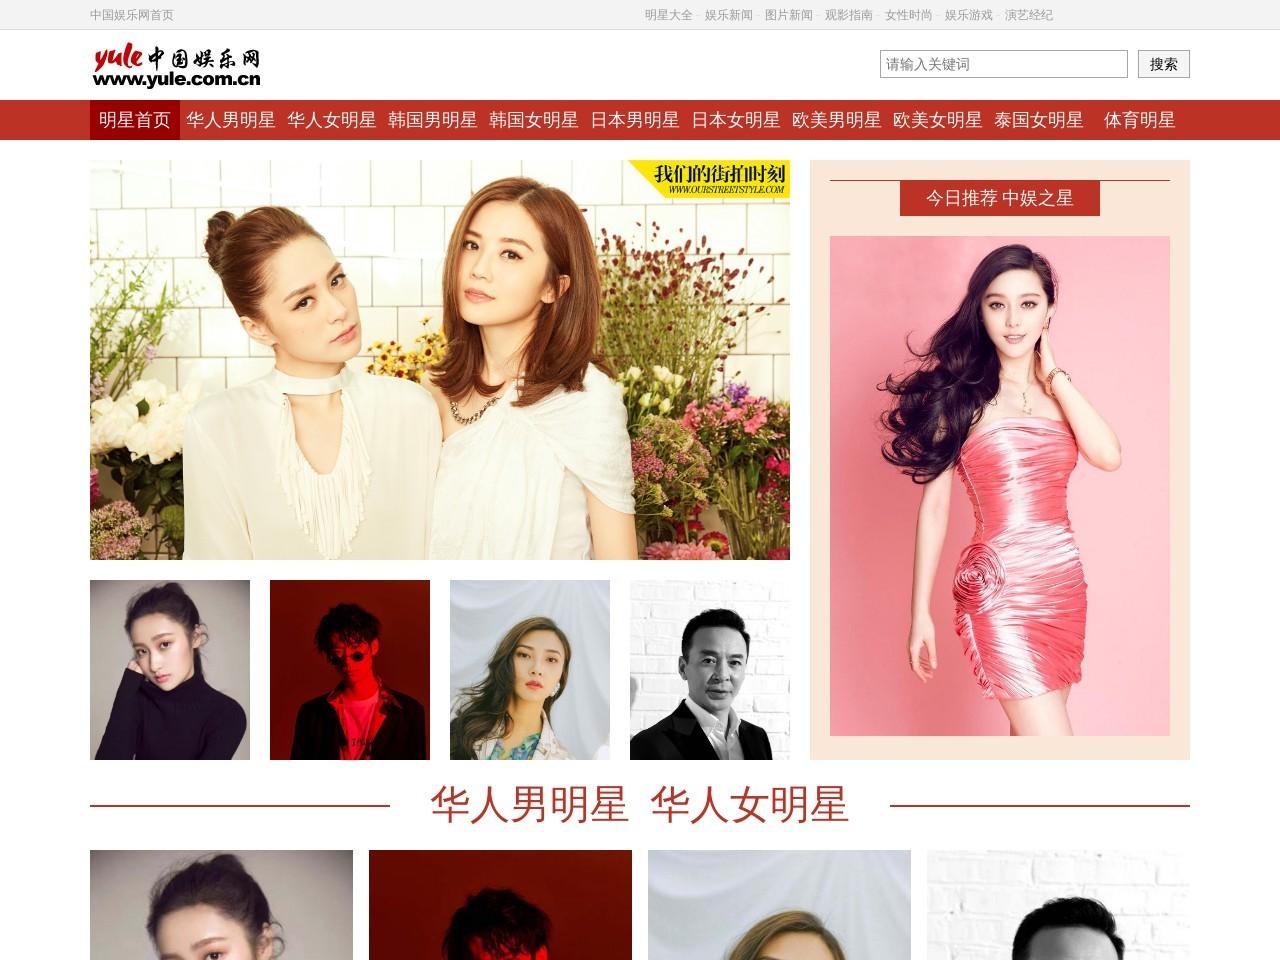 明星频道_中国娱乐网